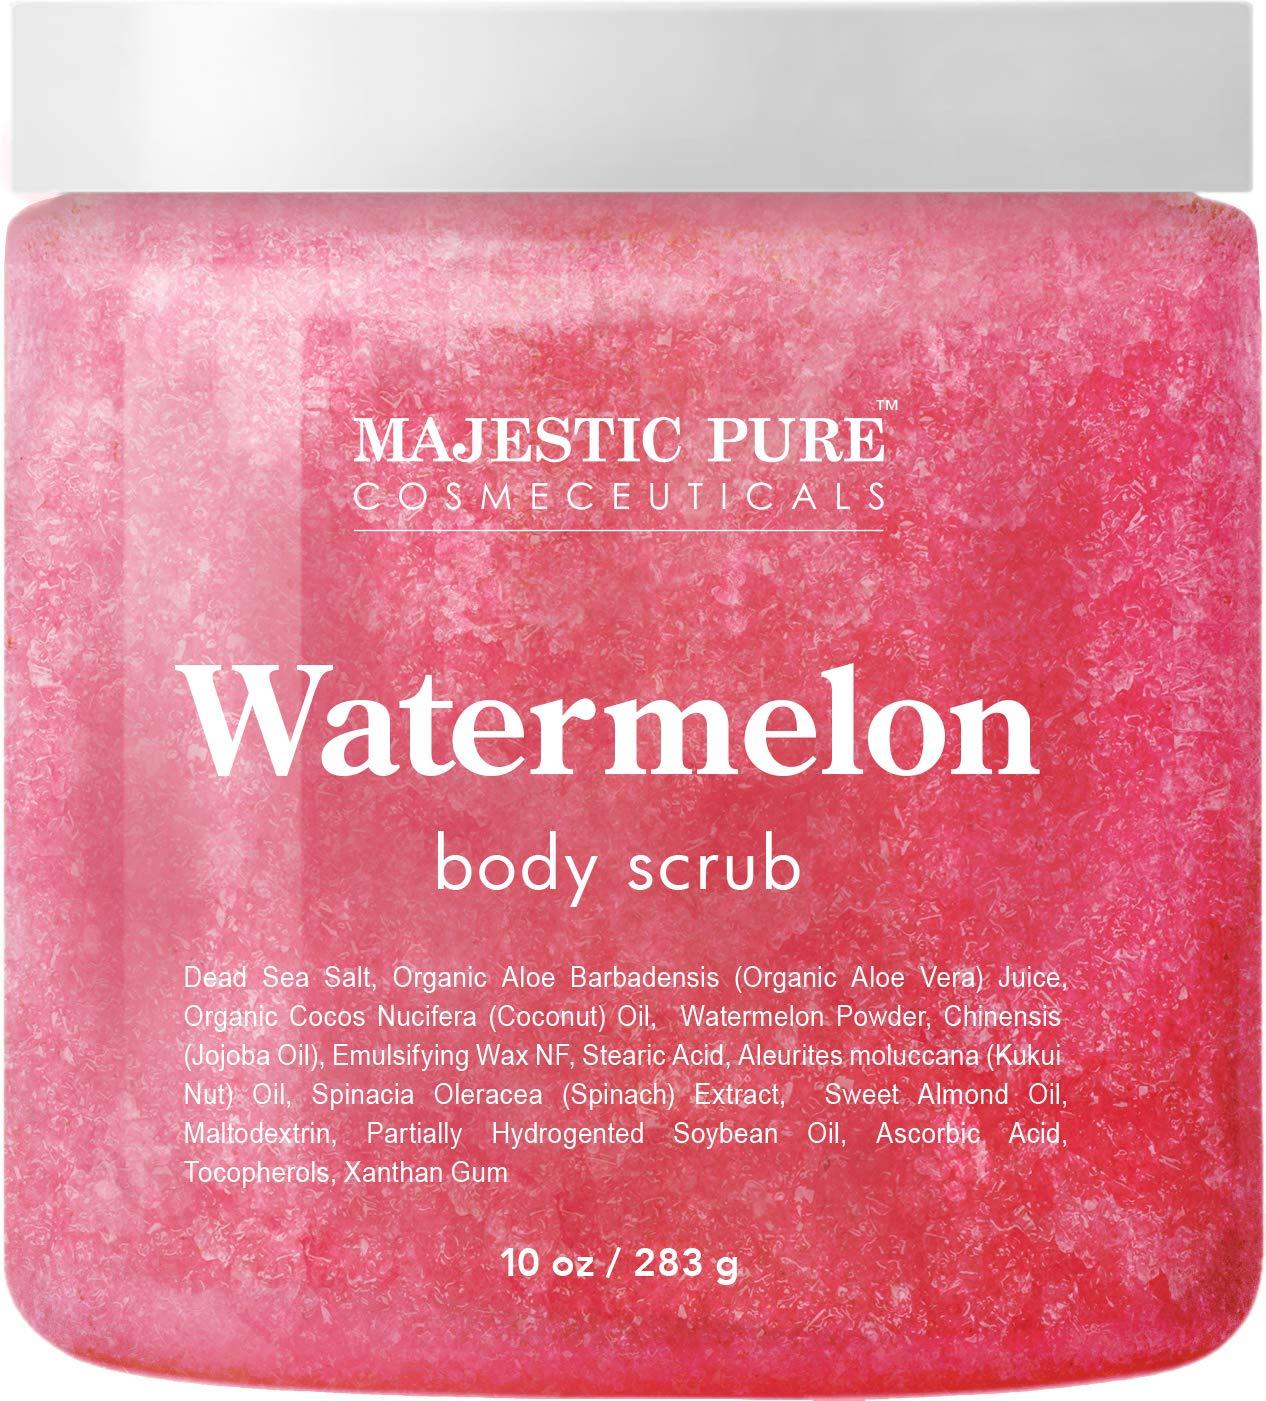 Majestic Pure Watermelon Body Scrub - Age Defying - Exfoliates, Hydrates, and Moisturizes Skin, 10 oz by Majestic Pure